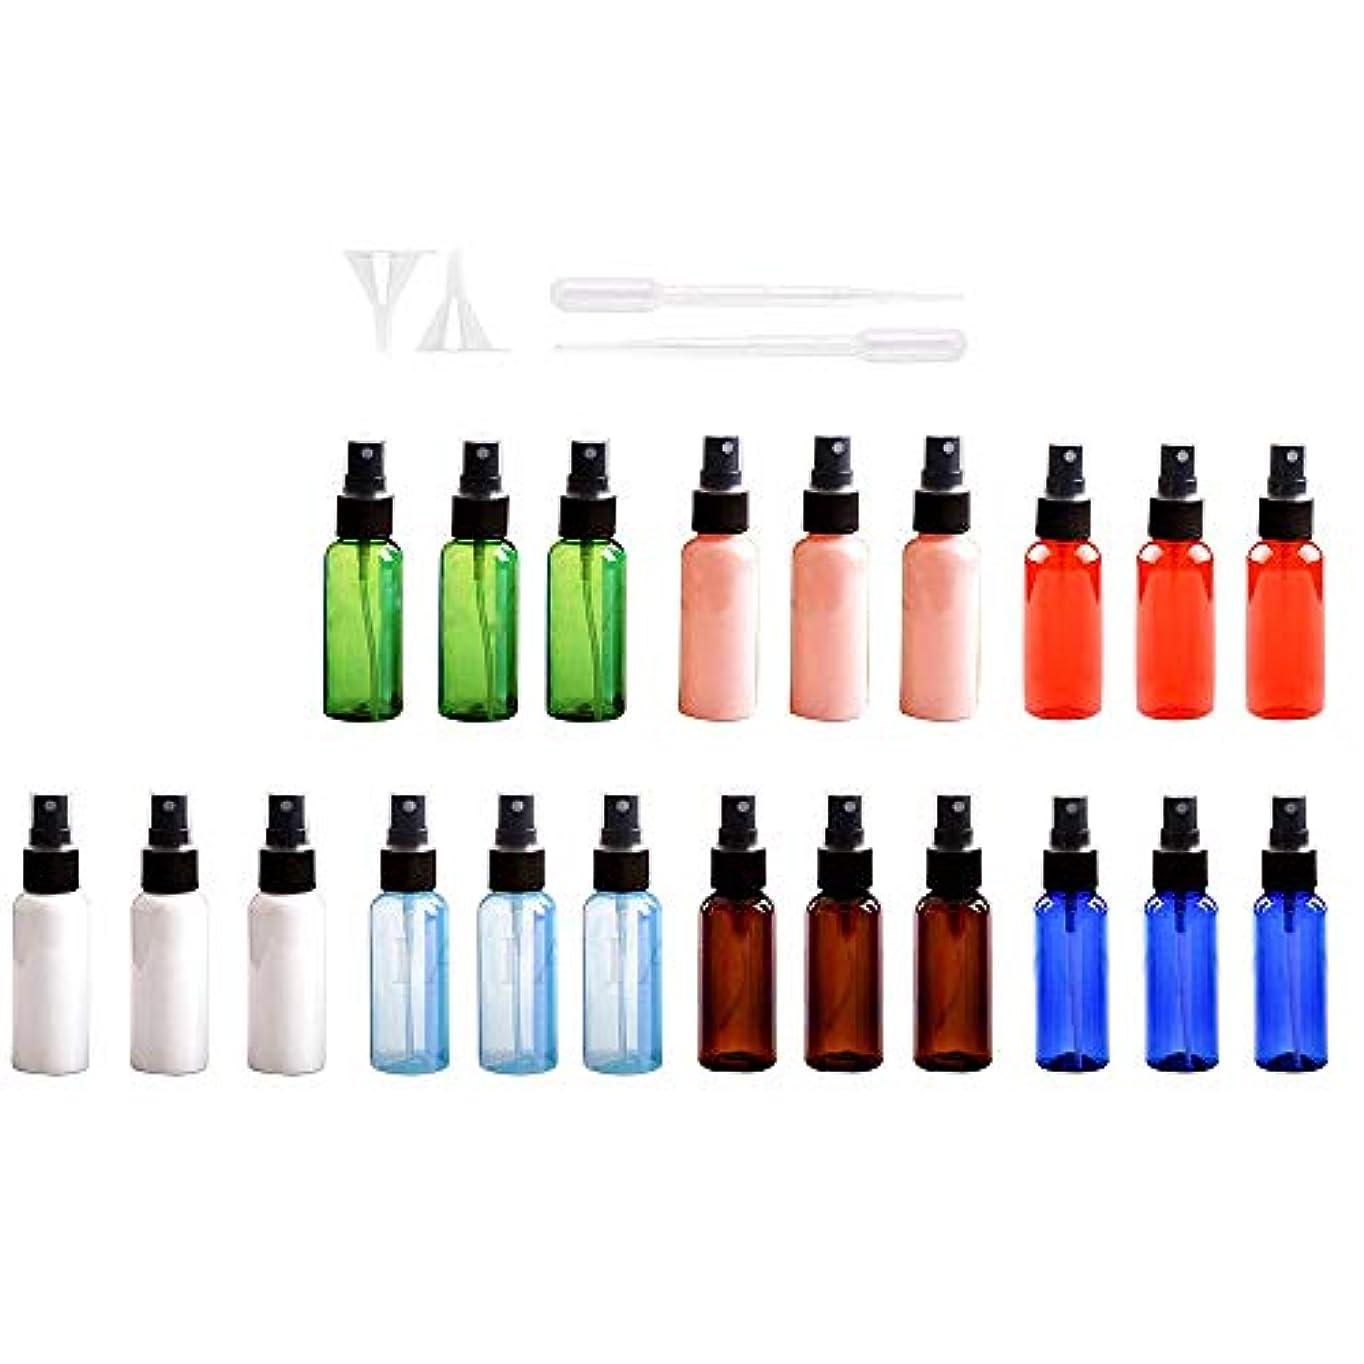 同様に出席息子スプレーボトル 21本セット 詰替ボトル 遮光 空容器 霧吹き30ML 遮光瓶スプレーキャップ付 プラスチック製